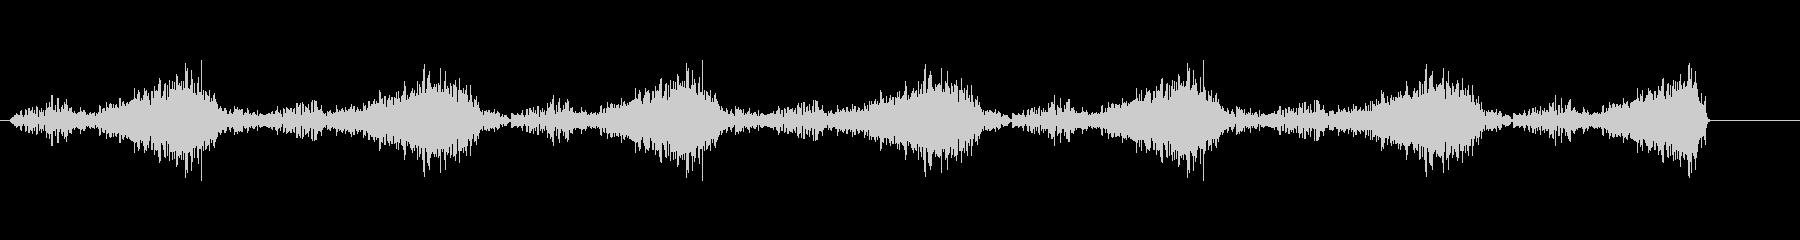 再生音量に注意が必要な、字を書く音。の未再生の波形